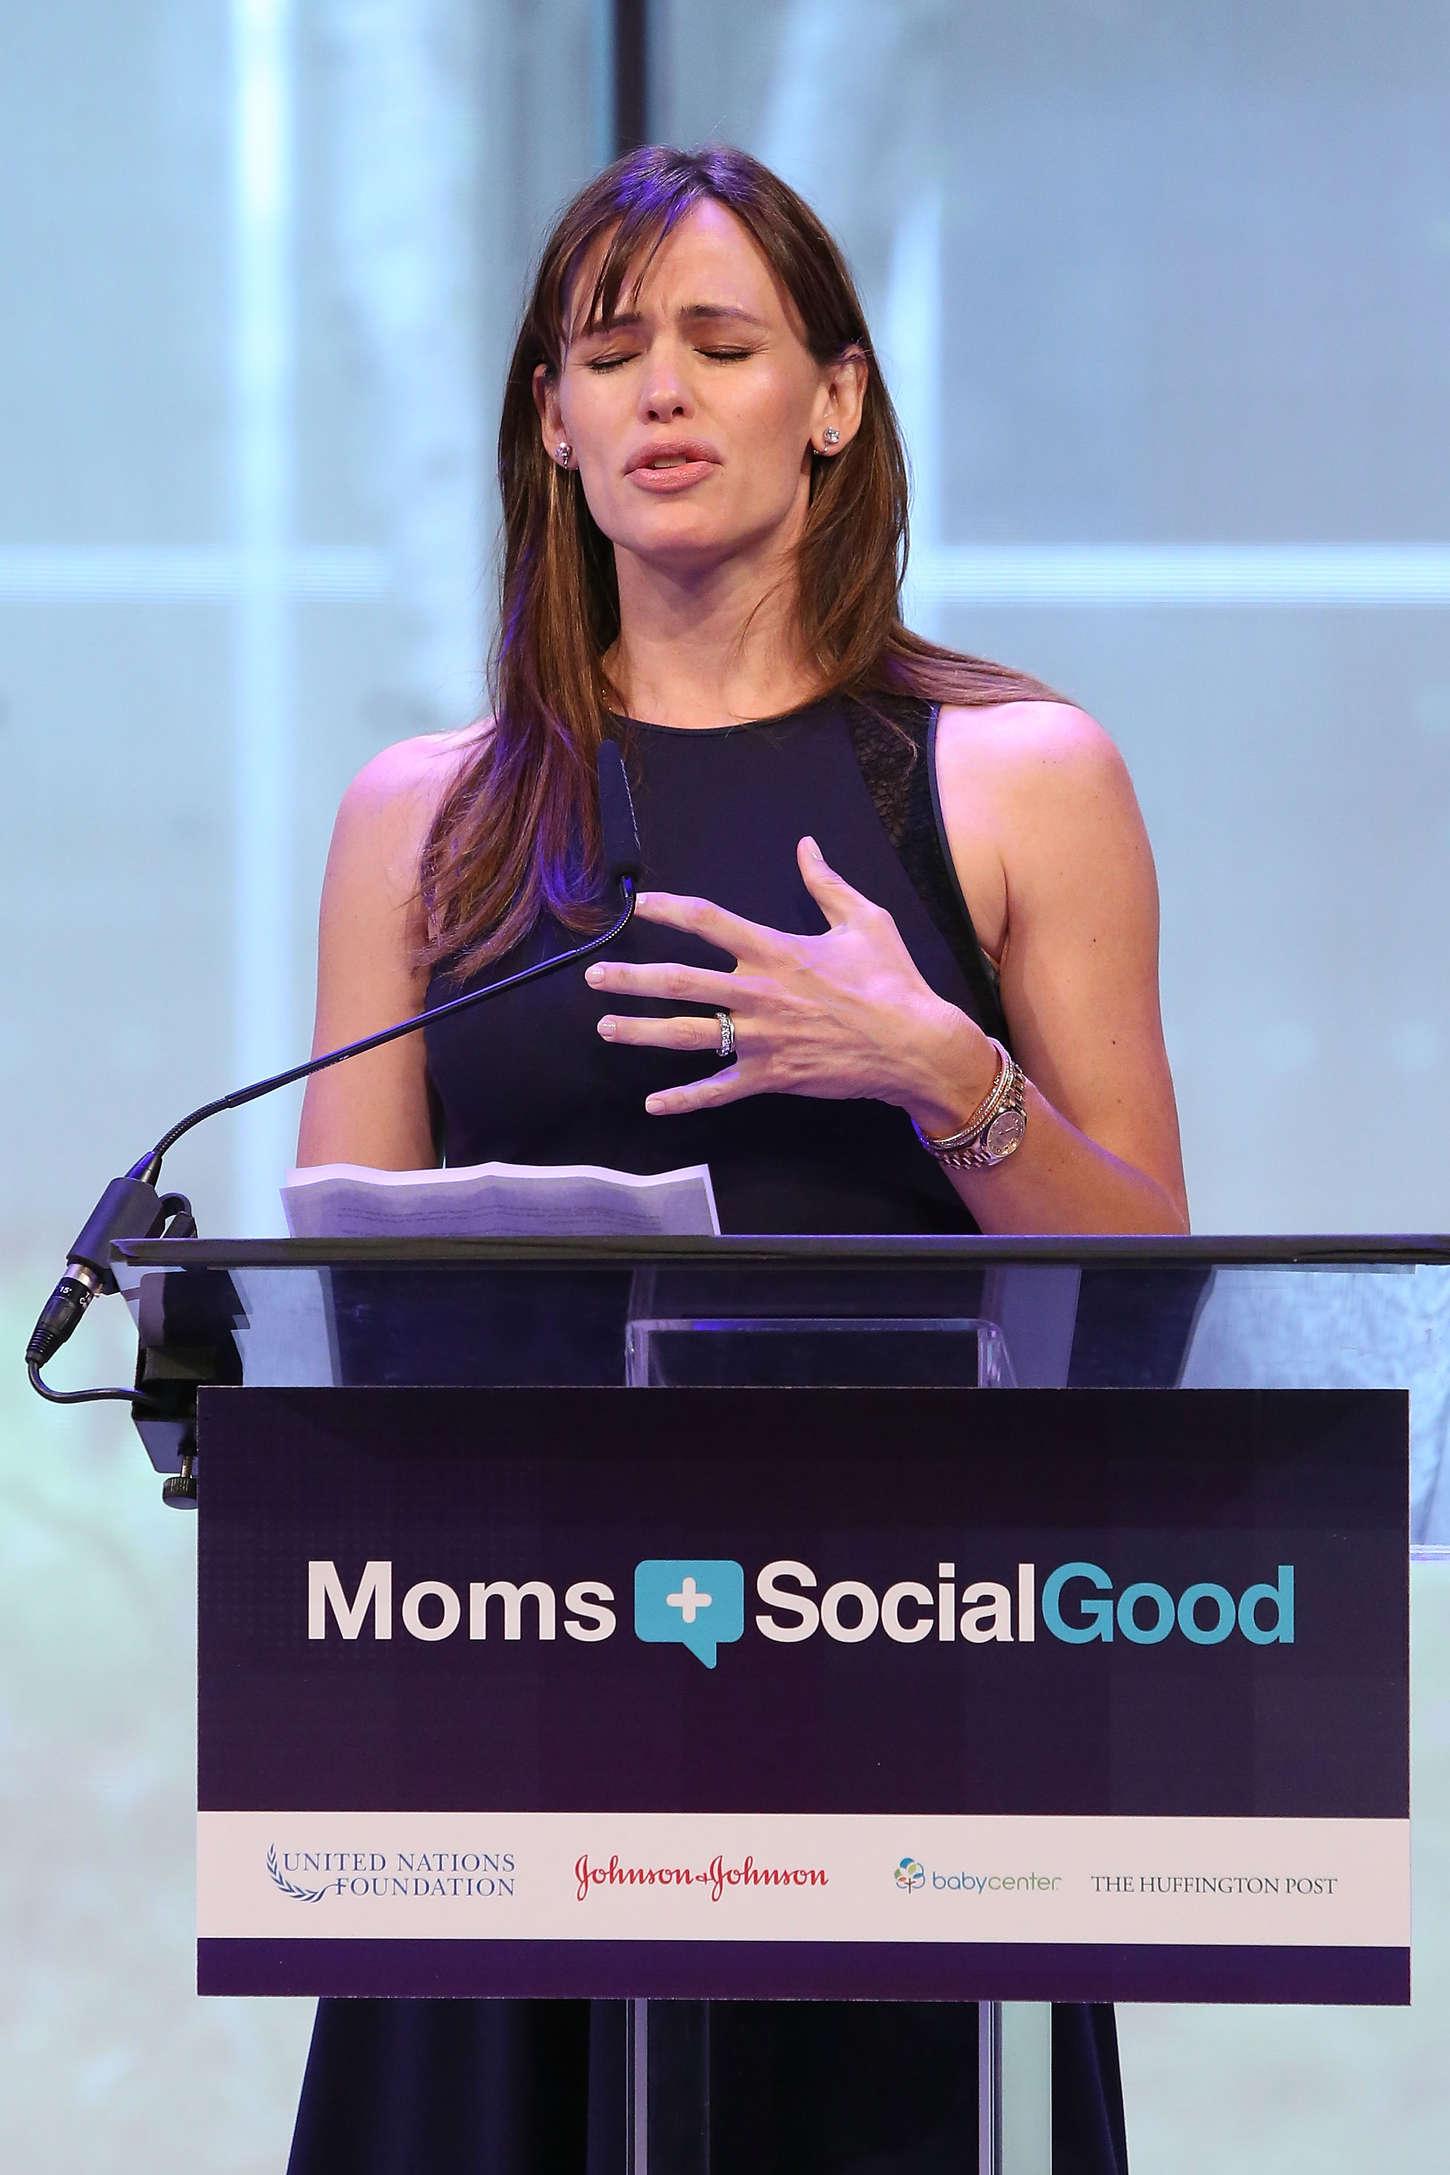 Jennifer Garner 2015 : Jennifer Garner: Moms Social Good Global Moms Challenge -02